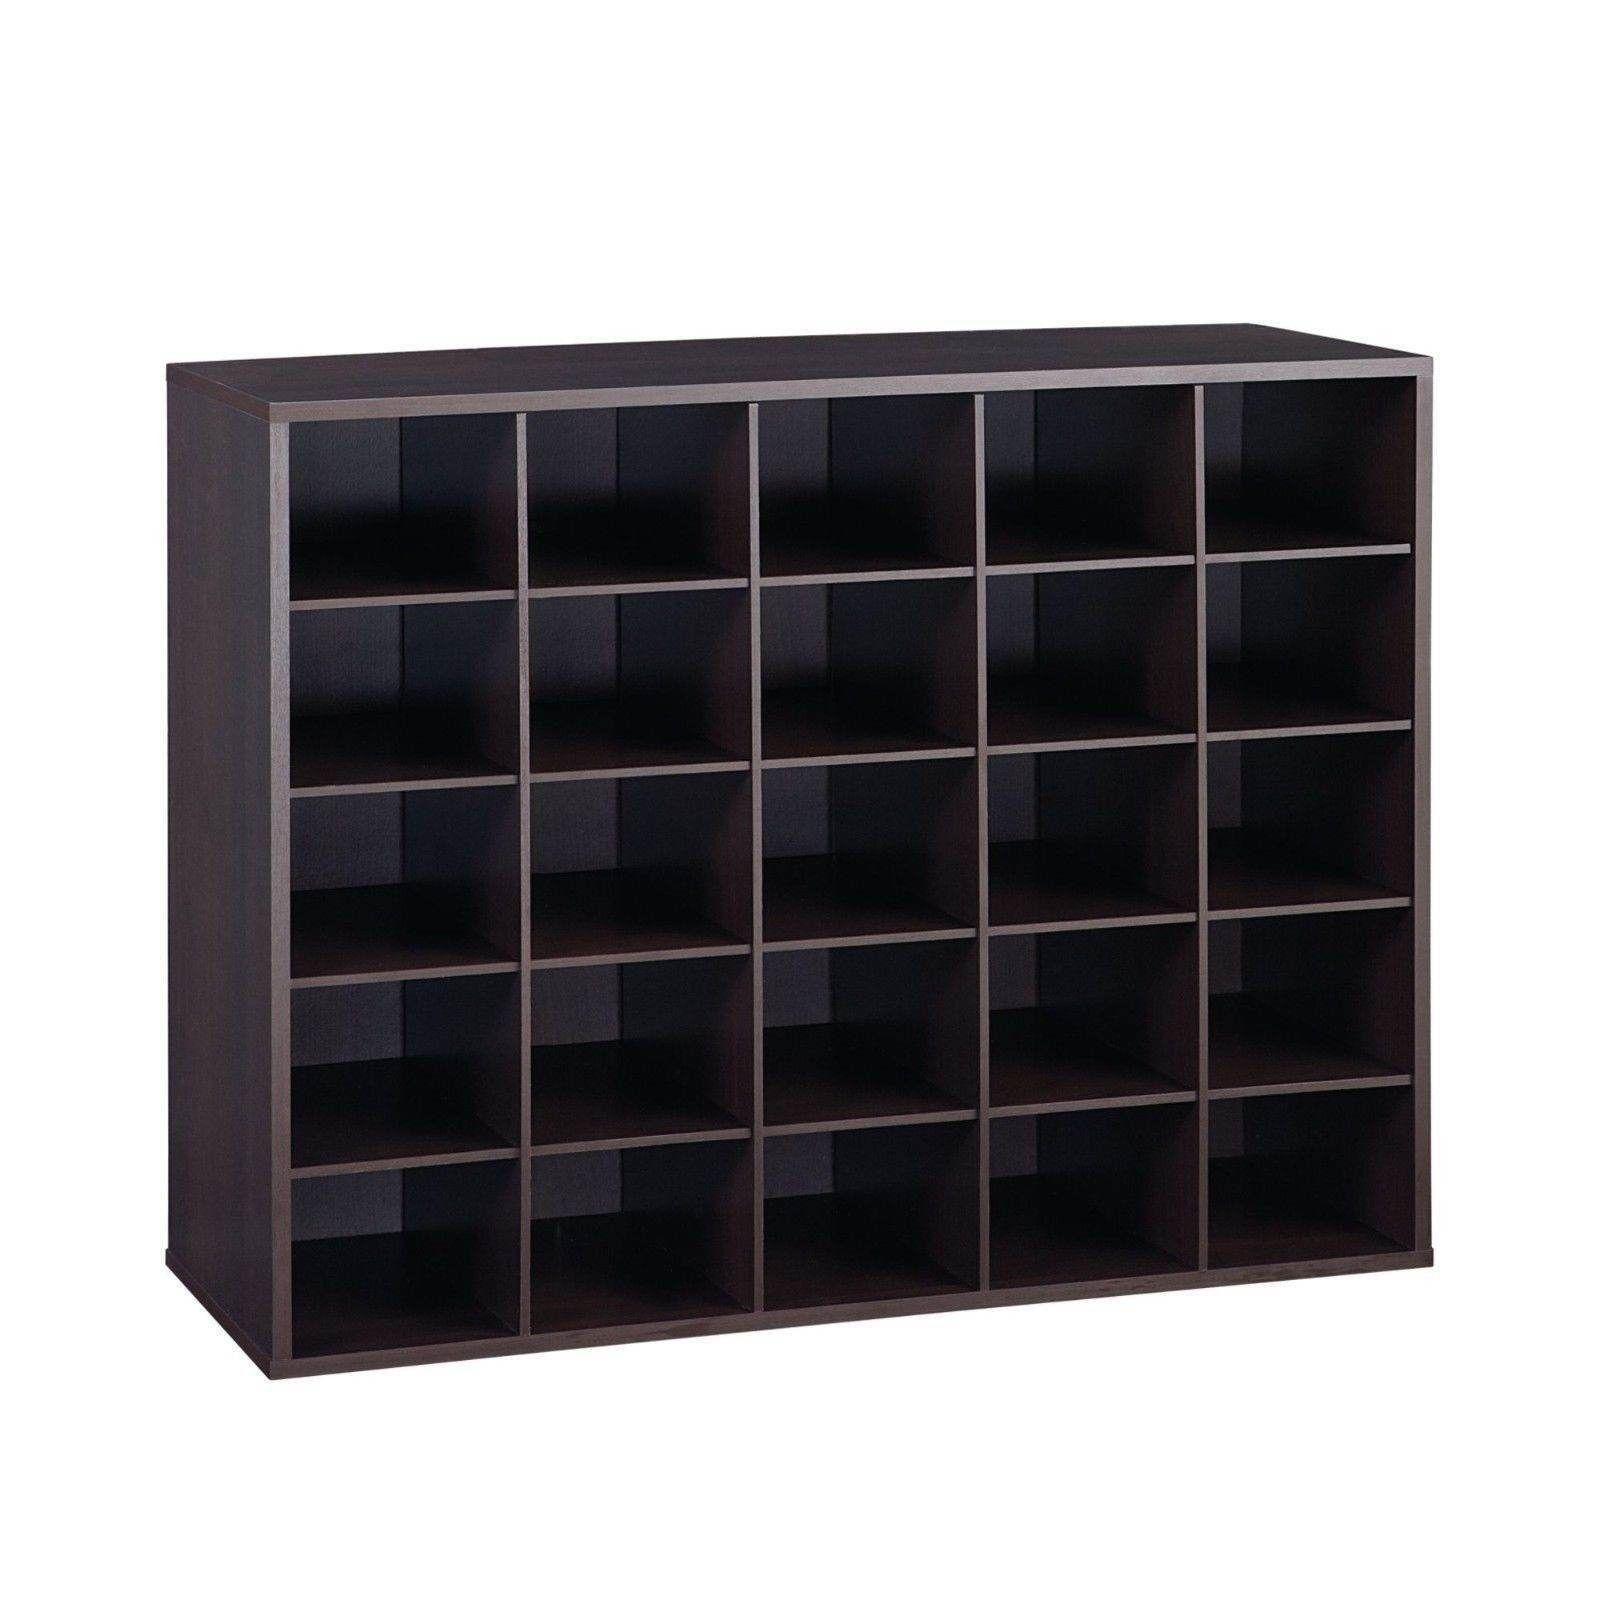 25 Pair Shoe Shelf Organizer Wooden Espresso Closet